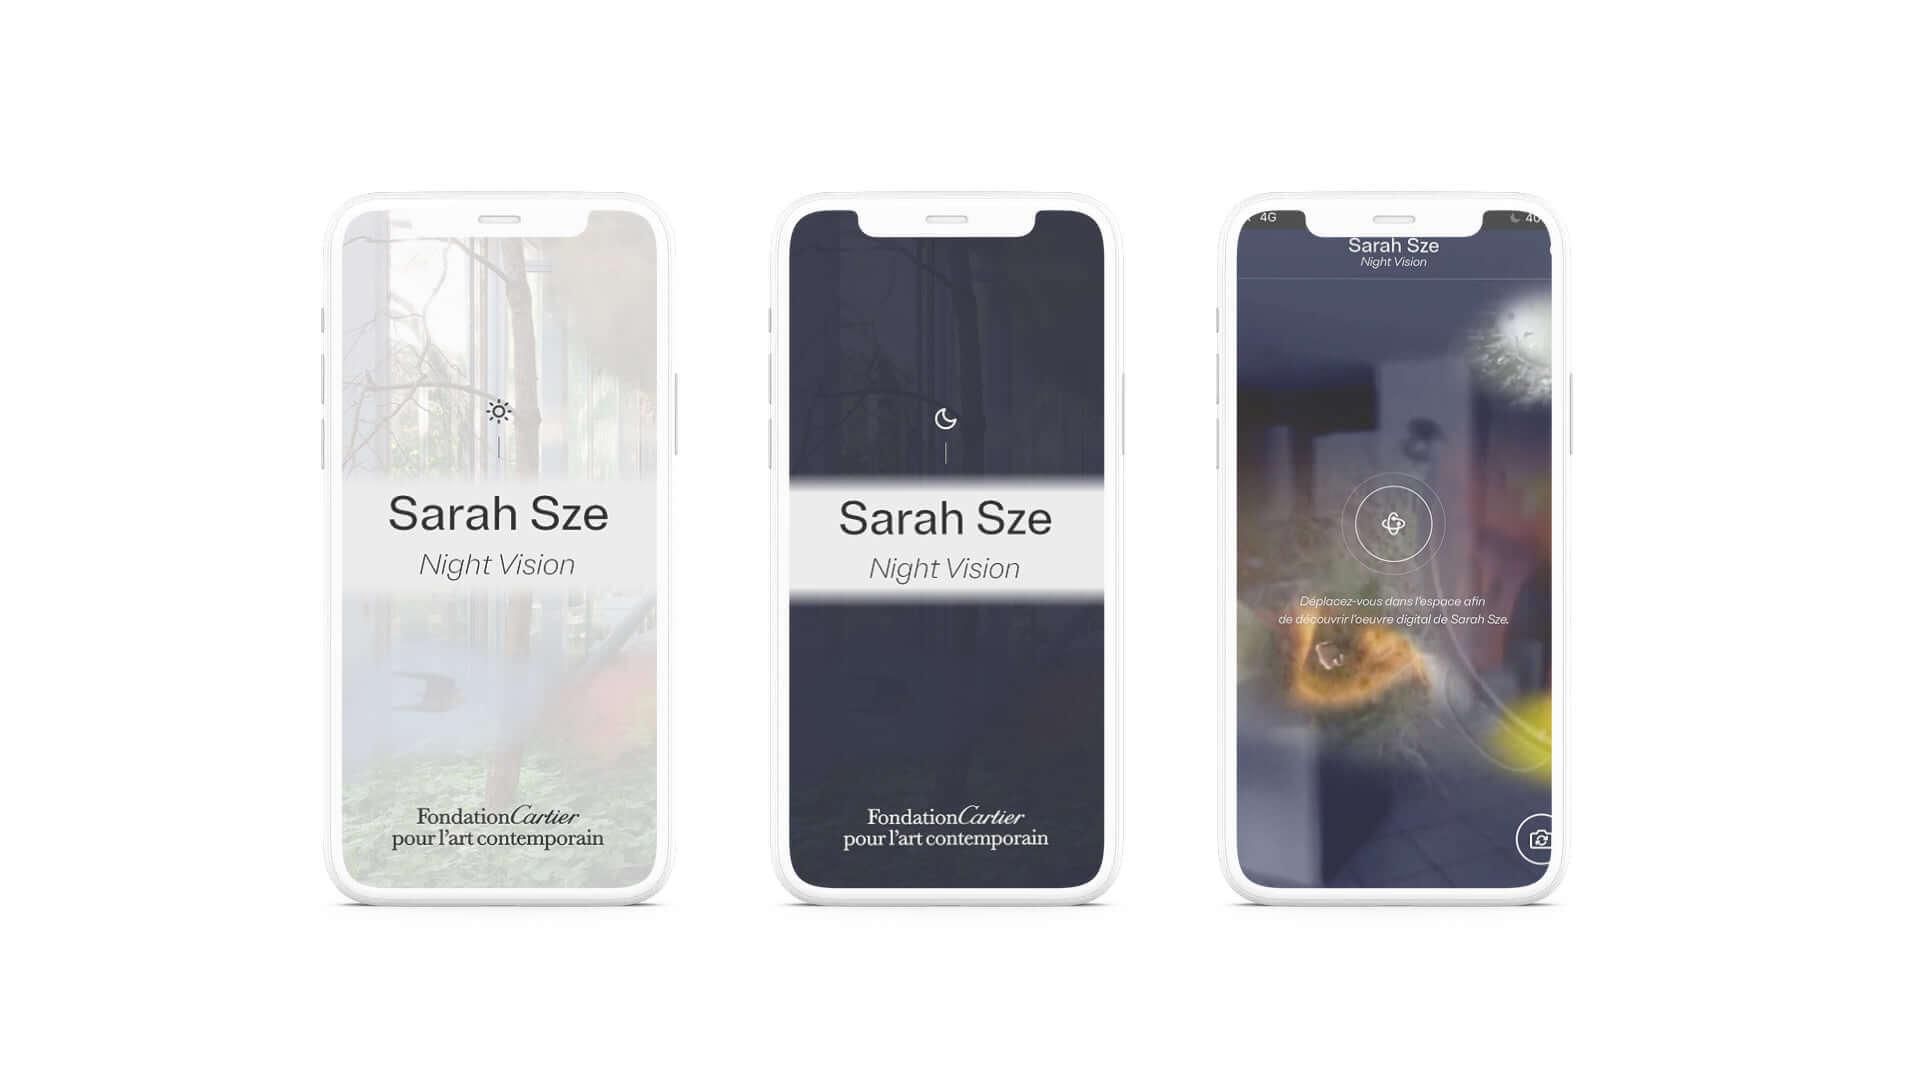 サラ・ジーのインスタレーションをARで体験しよう!カルティエ現代美術財団がアプリ『Night Vision 20/20』をリリース art210202_night-vision_2-1920x1076